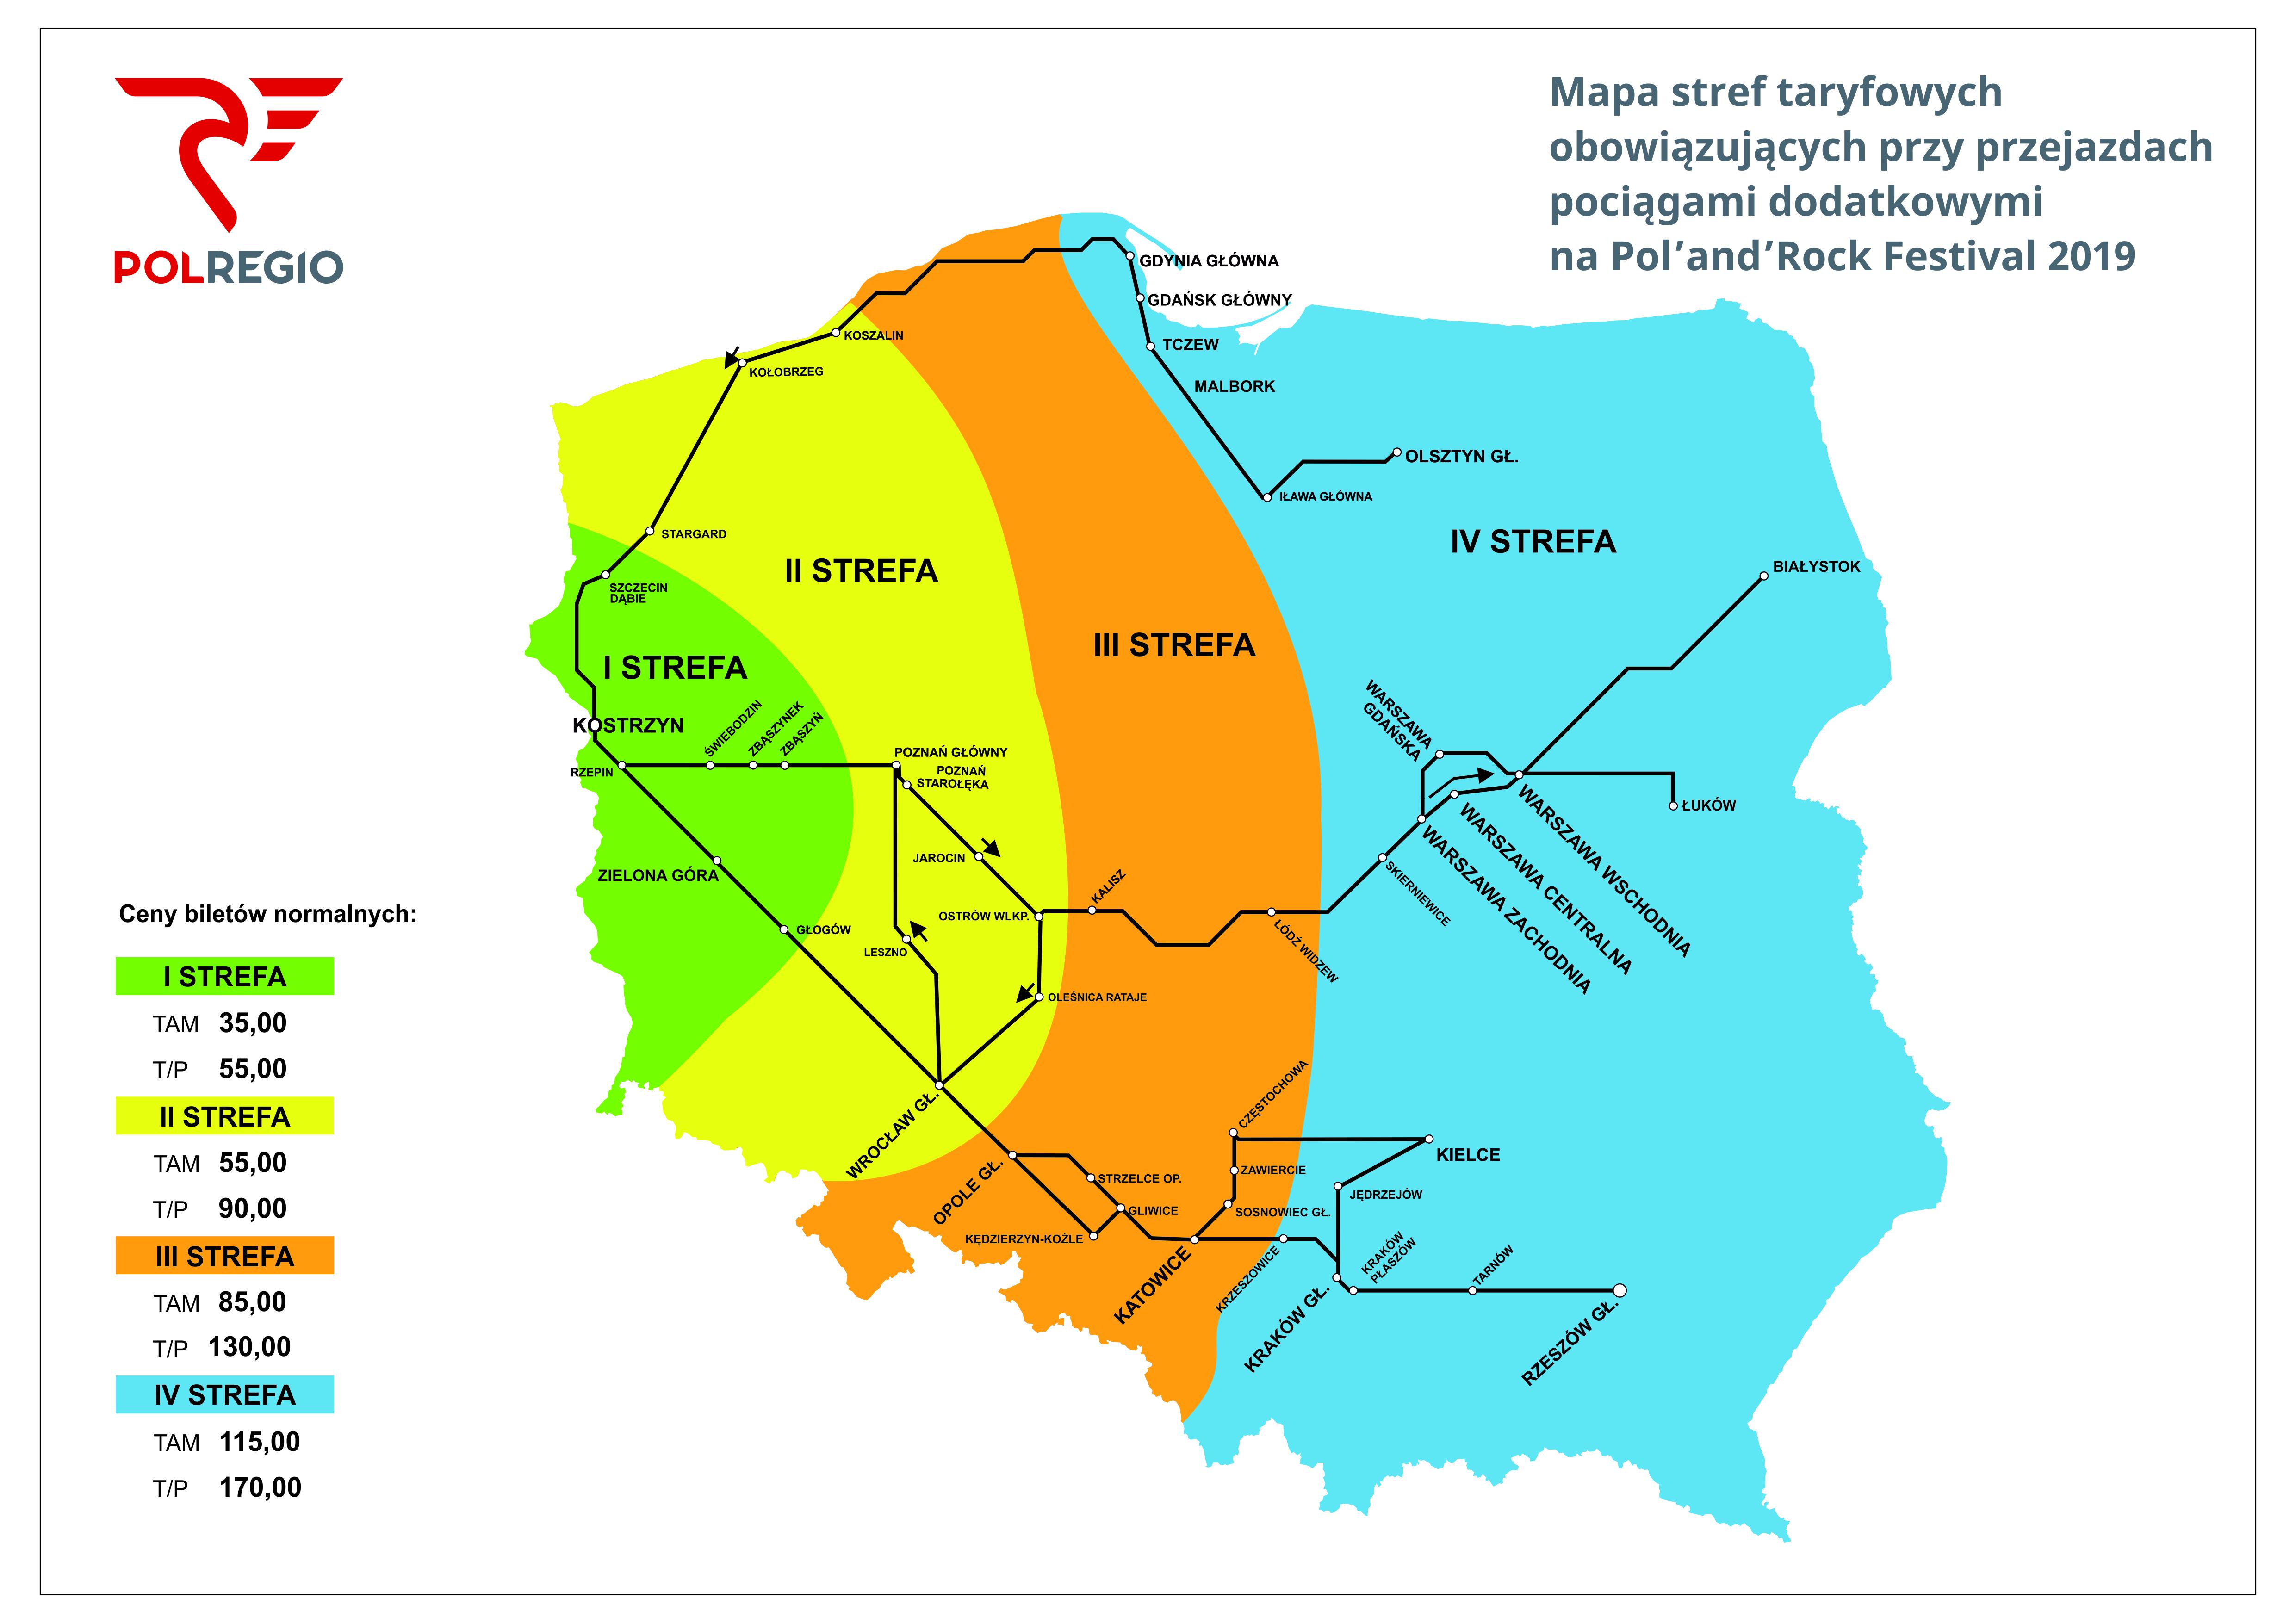 Mapa stref taryfowych obowiązująca przy przejazdach pociągami dodatkowymi na Pol'and'Rock Festival Kostrzyn 2019